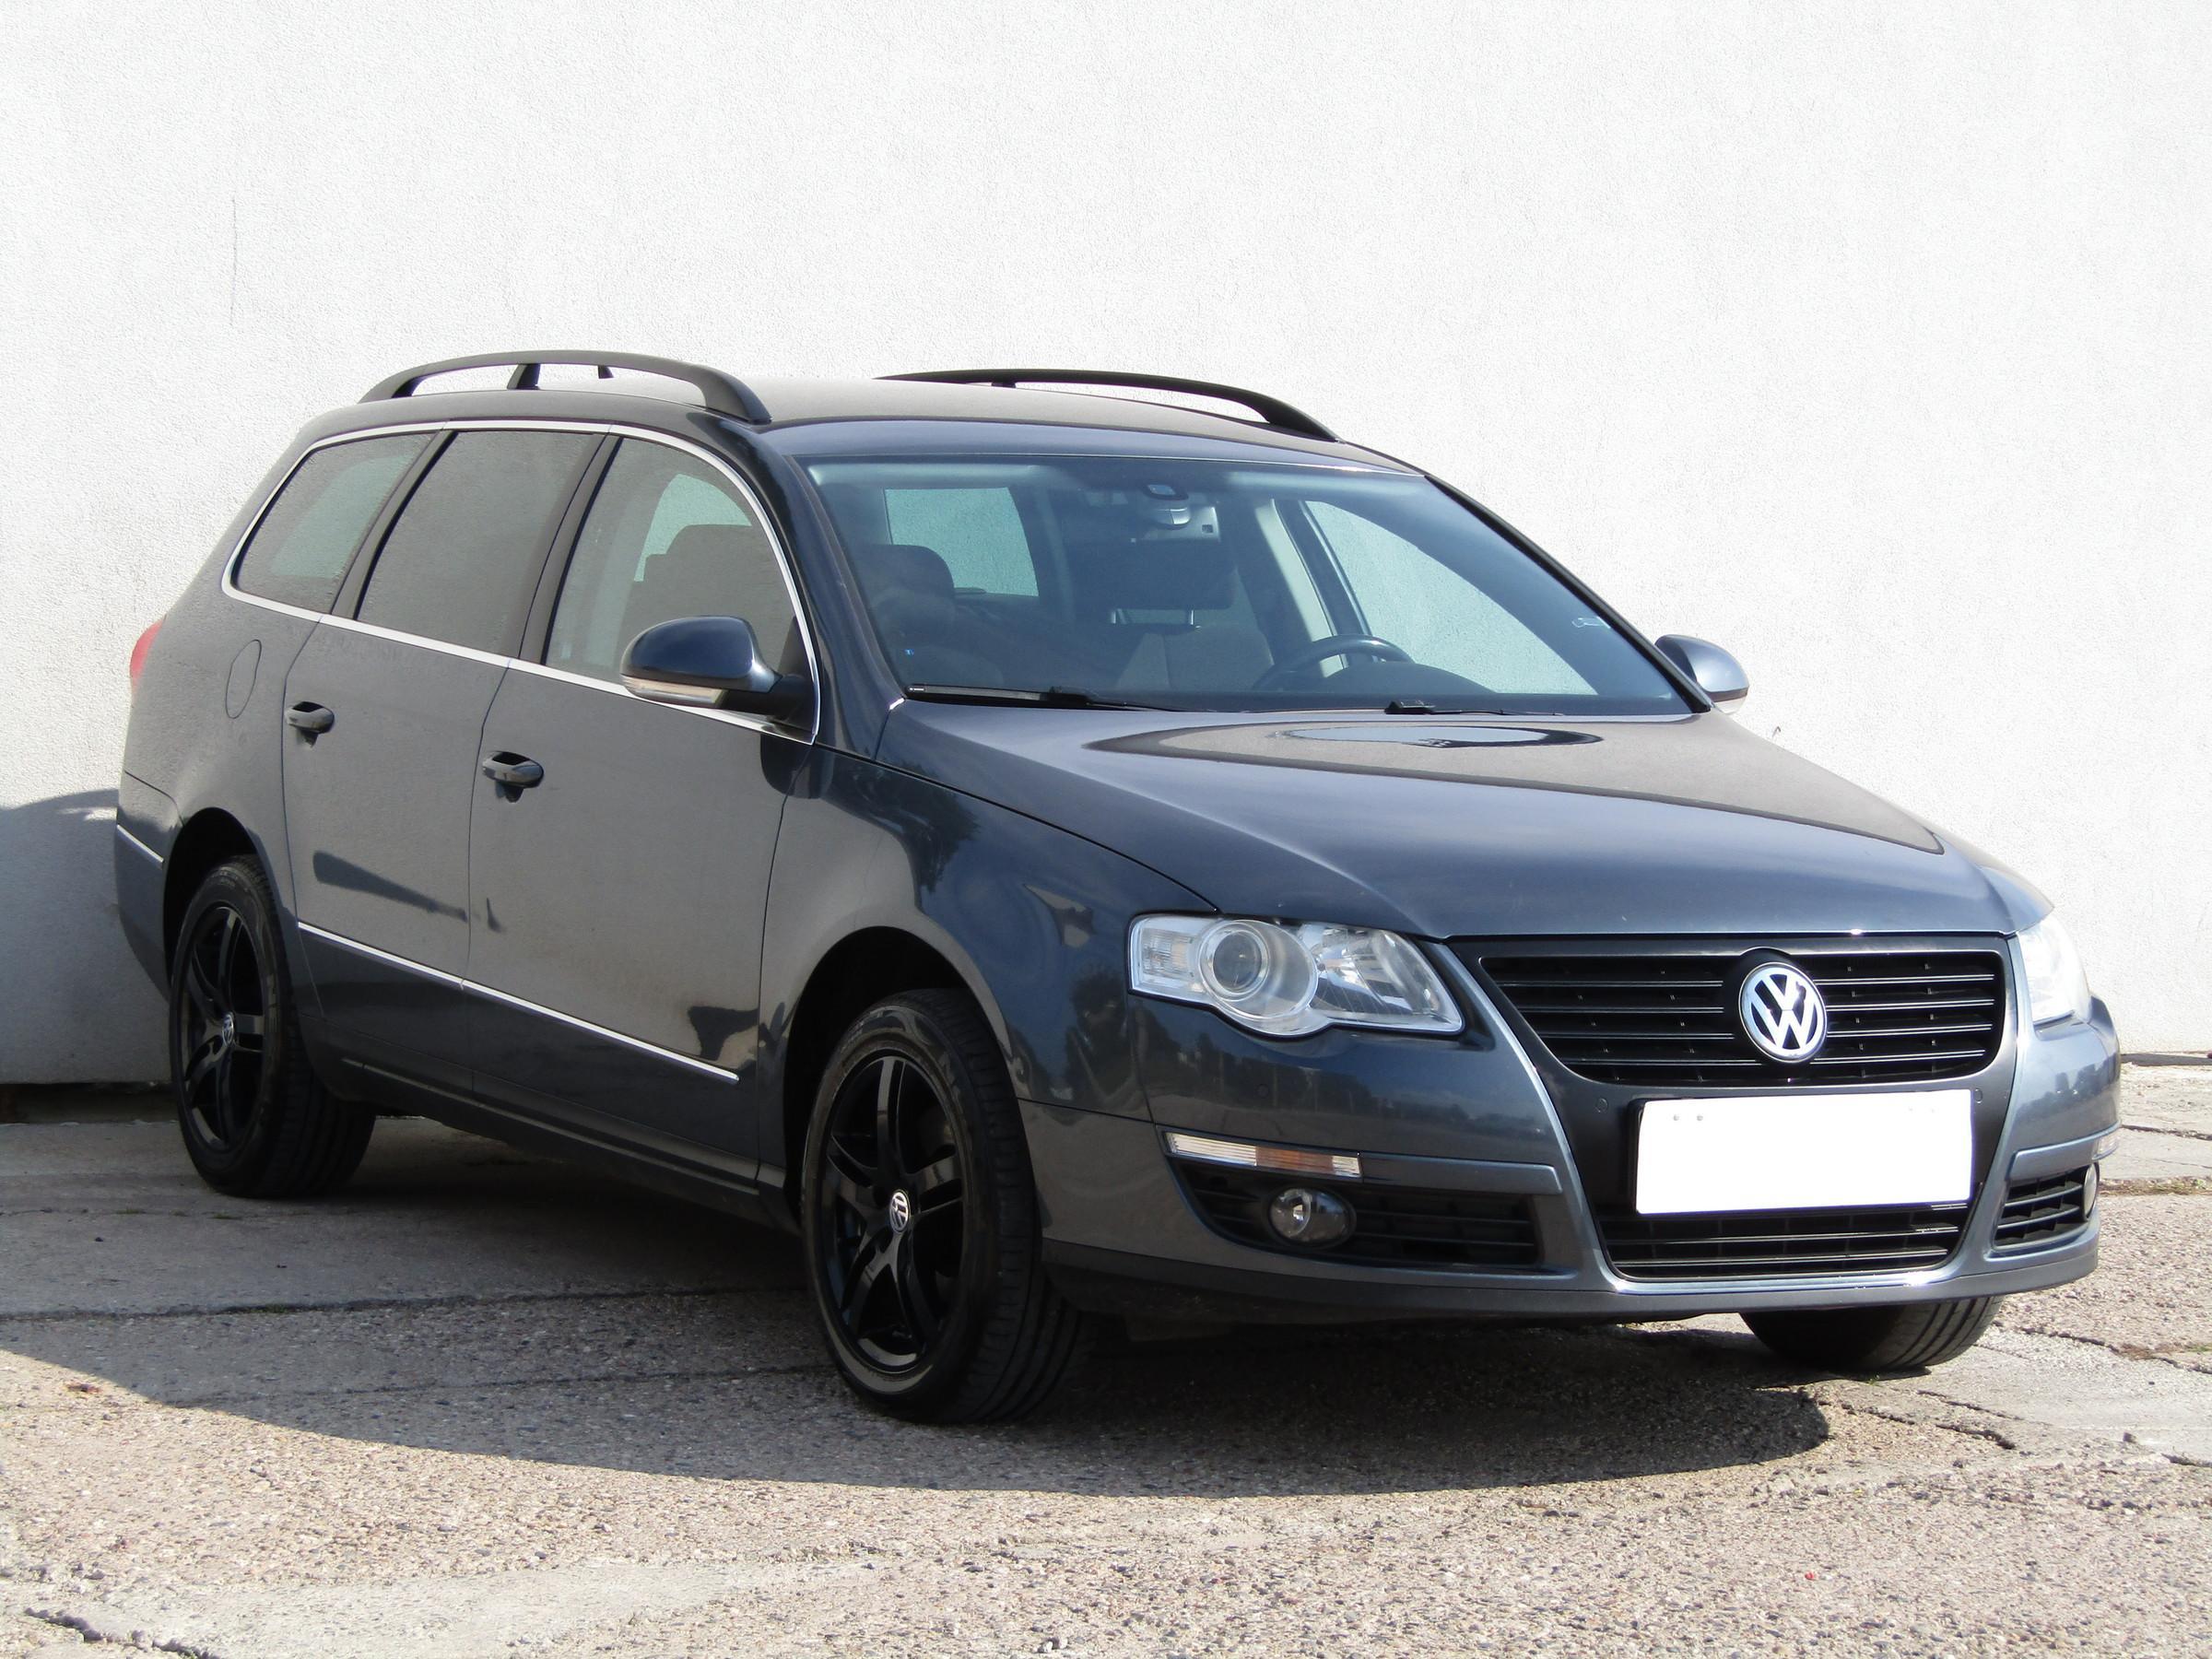 Volkswagen Passat 2.0TDi Comfort